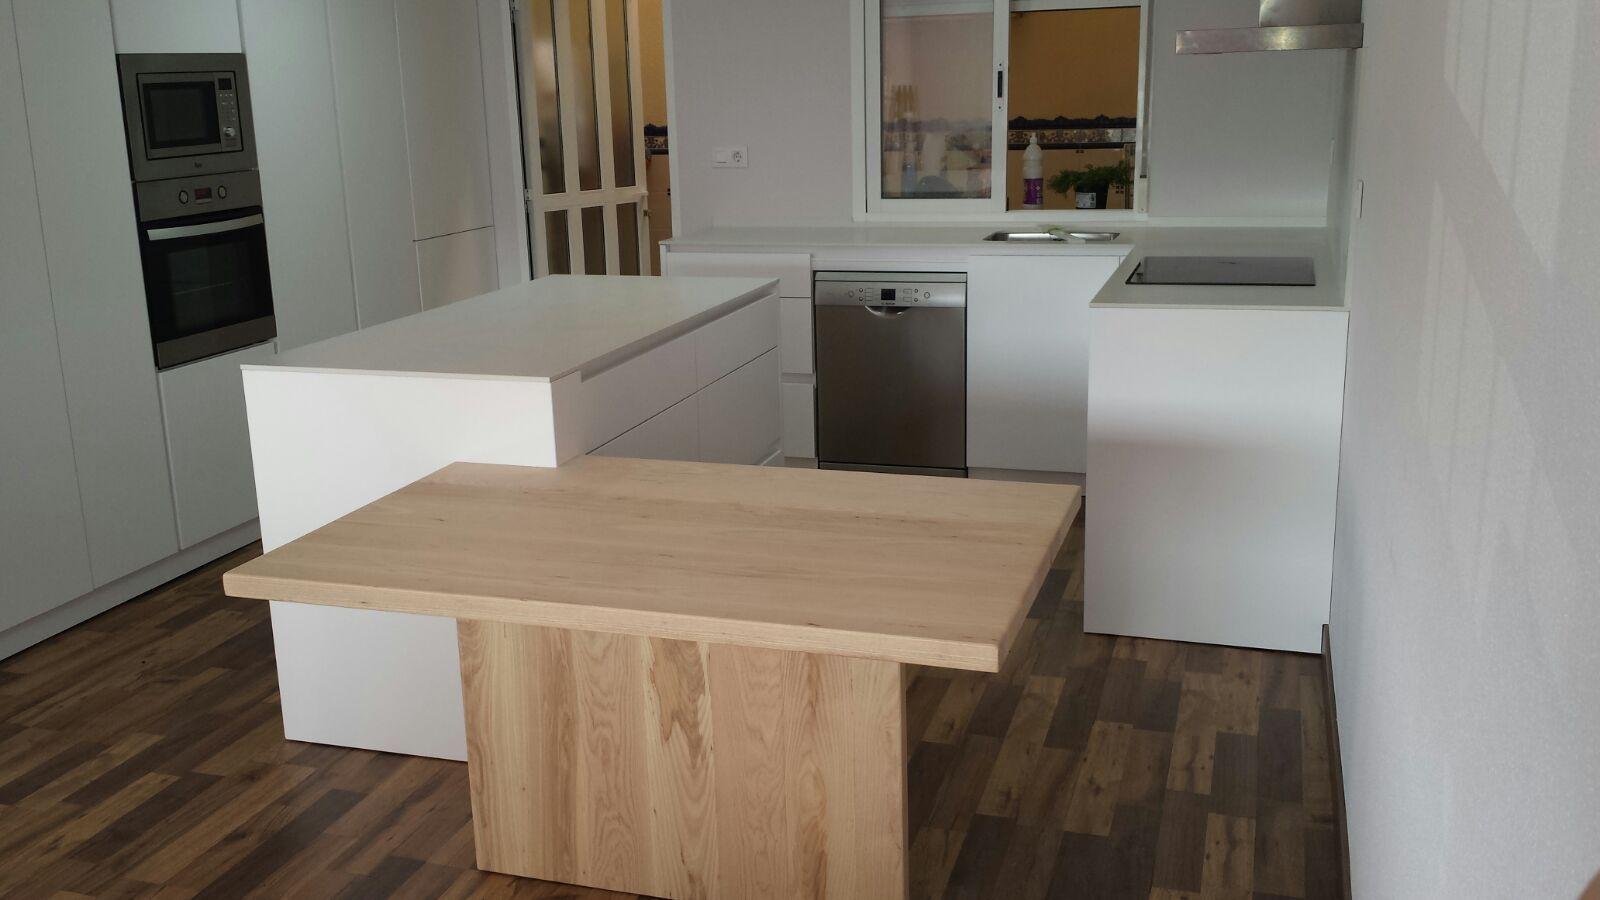 Foto 10 de Muebles de cocina en Media Legua | Muebles de Cocina Luis